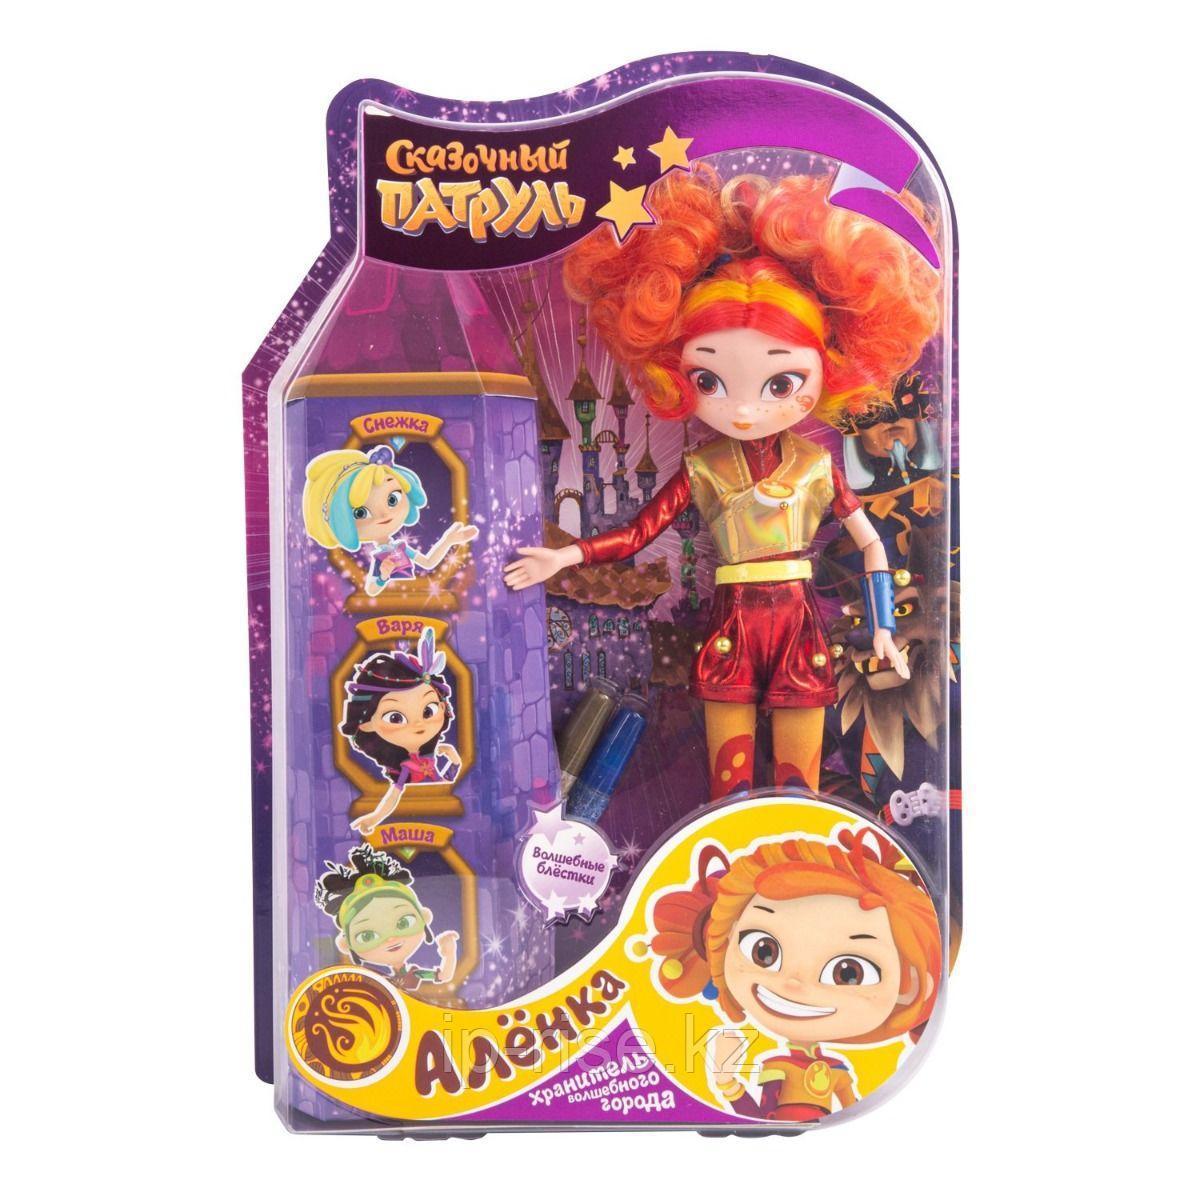 Сказочный патруль: Кукла Аленка, серия Magic New - фото 4